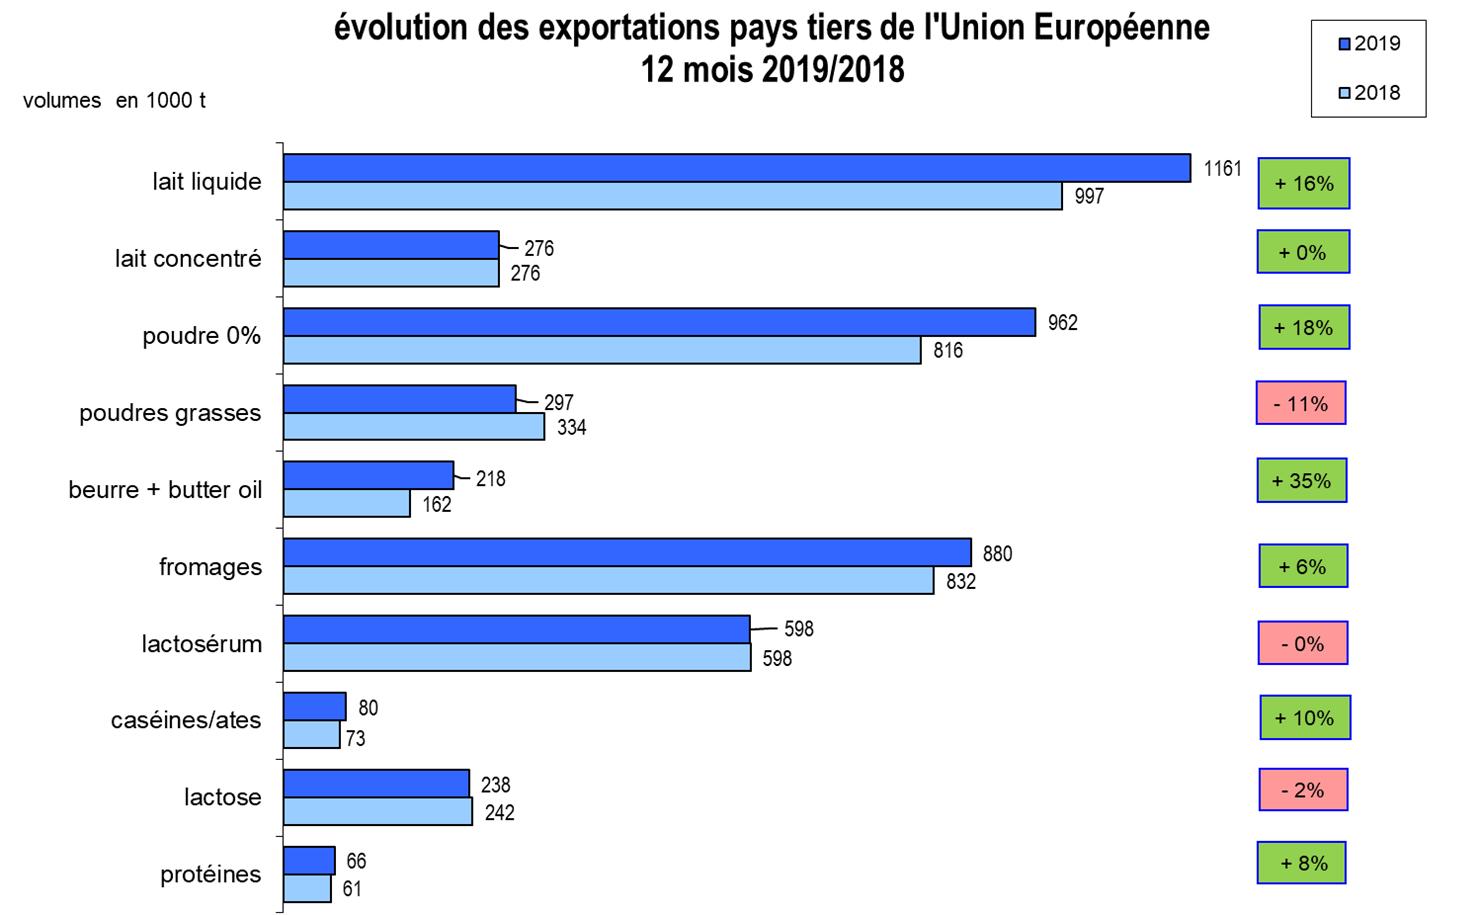 10 - Evolution des exportations pays tiers de lUnion Européenne 12 mois 2019 2018